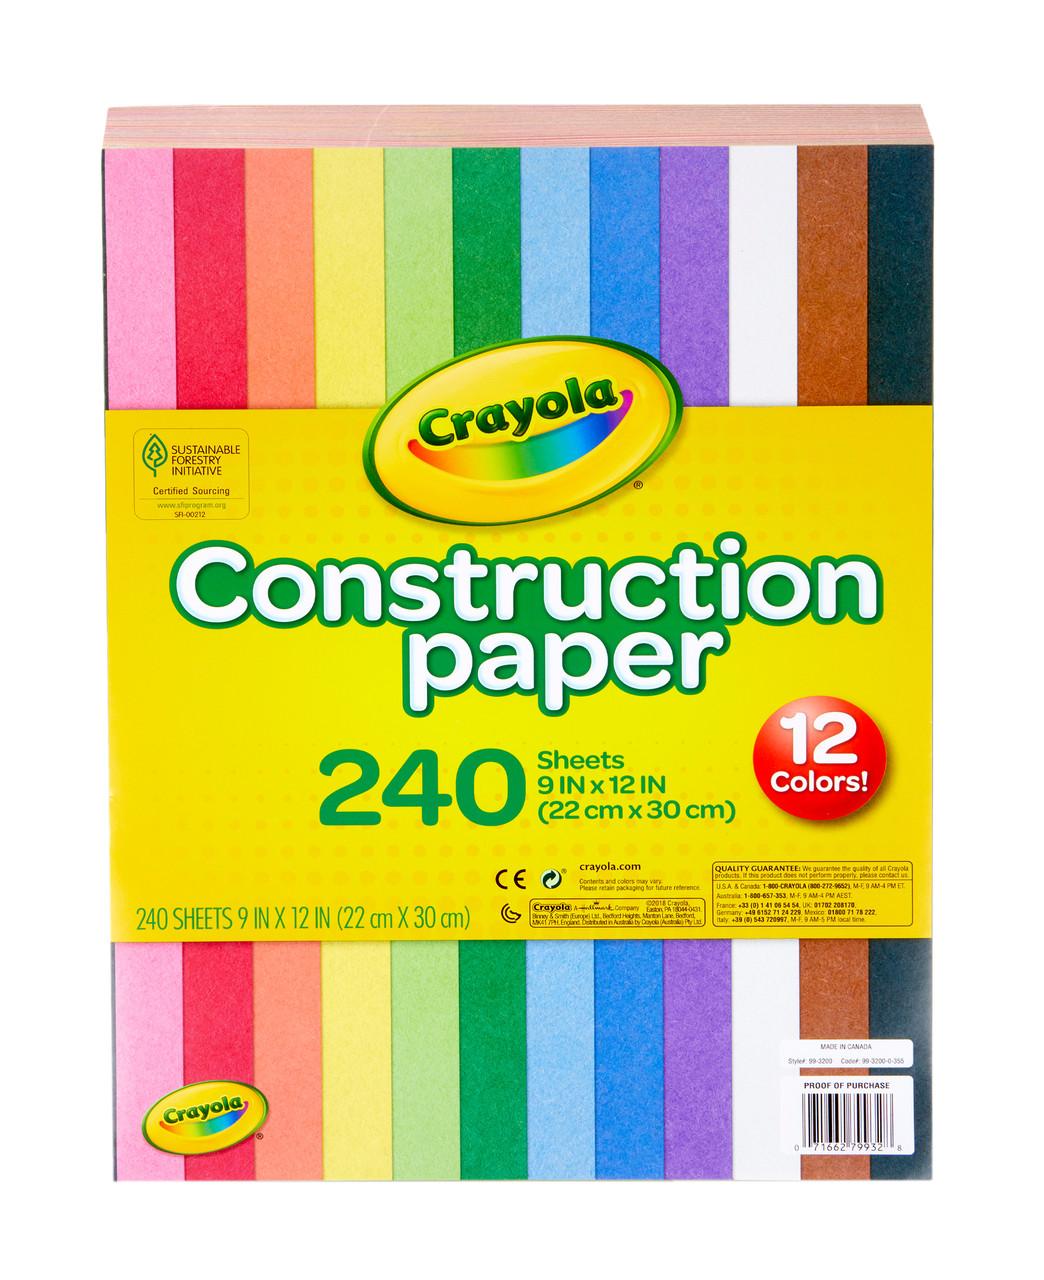 Crayola двухсторонняя цветная бумага для конструирования 240шт 12 цветов Construction Paper in 12 Colors 240